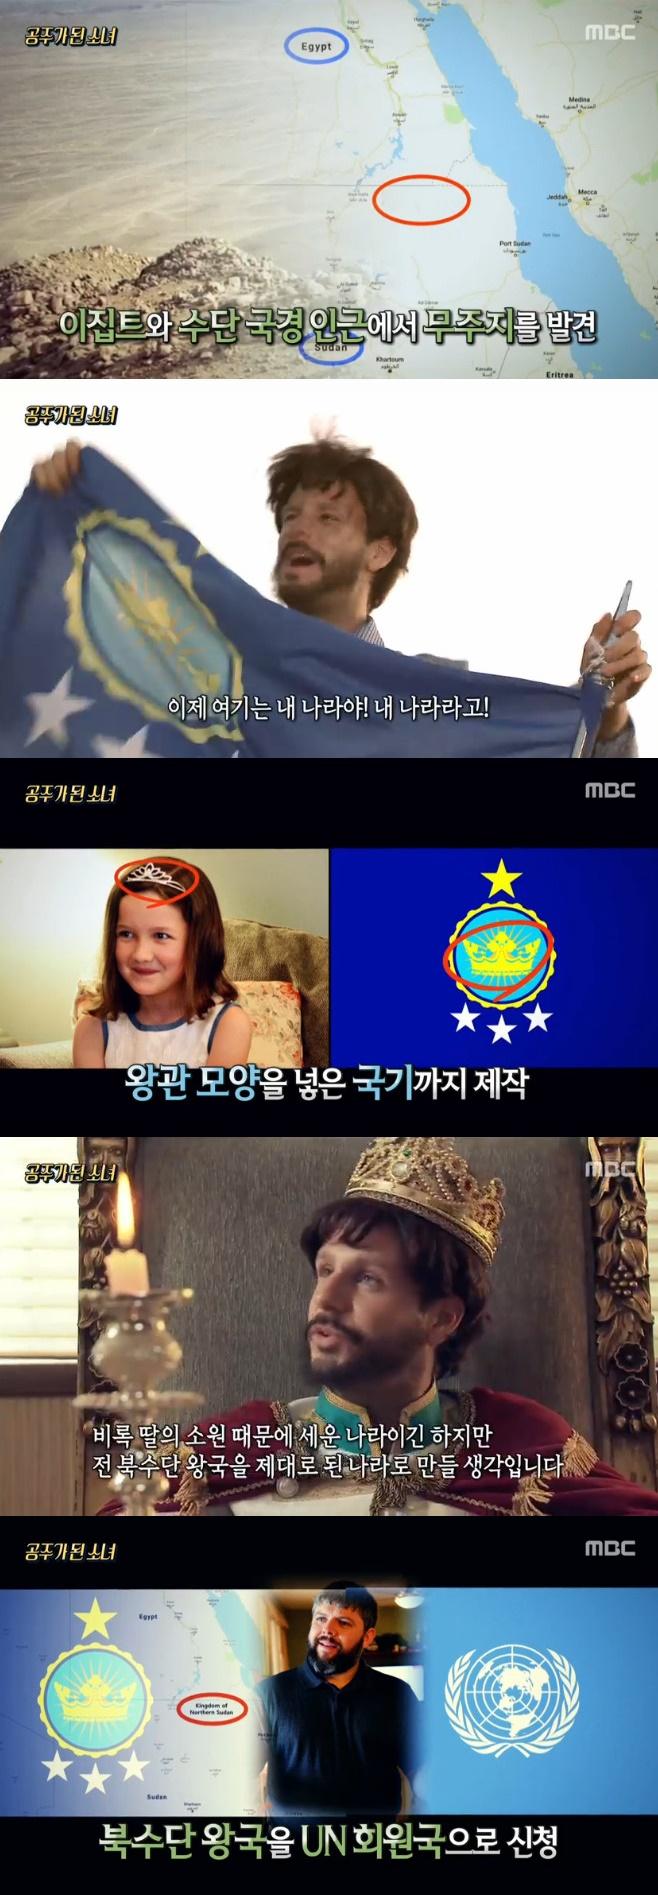 북수단 왕국, 신비한 TV 서프라이즈